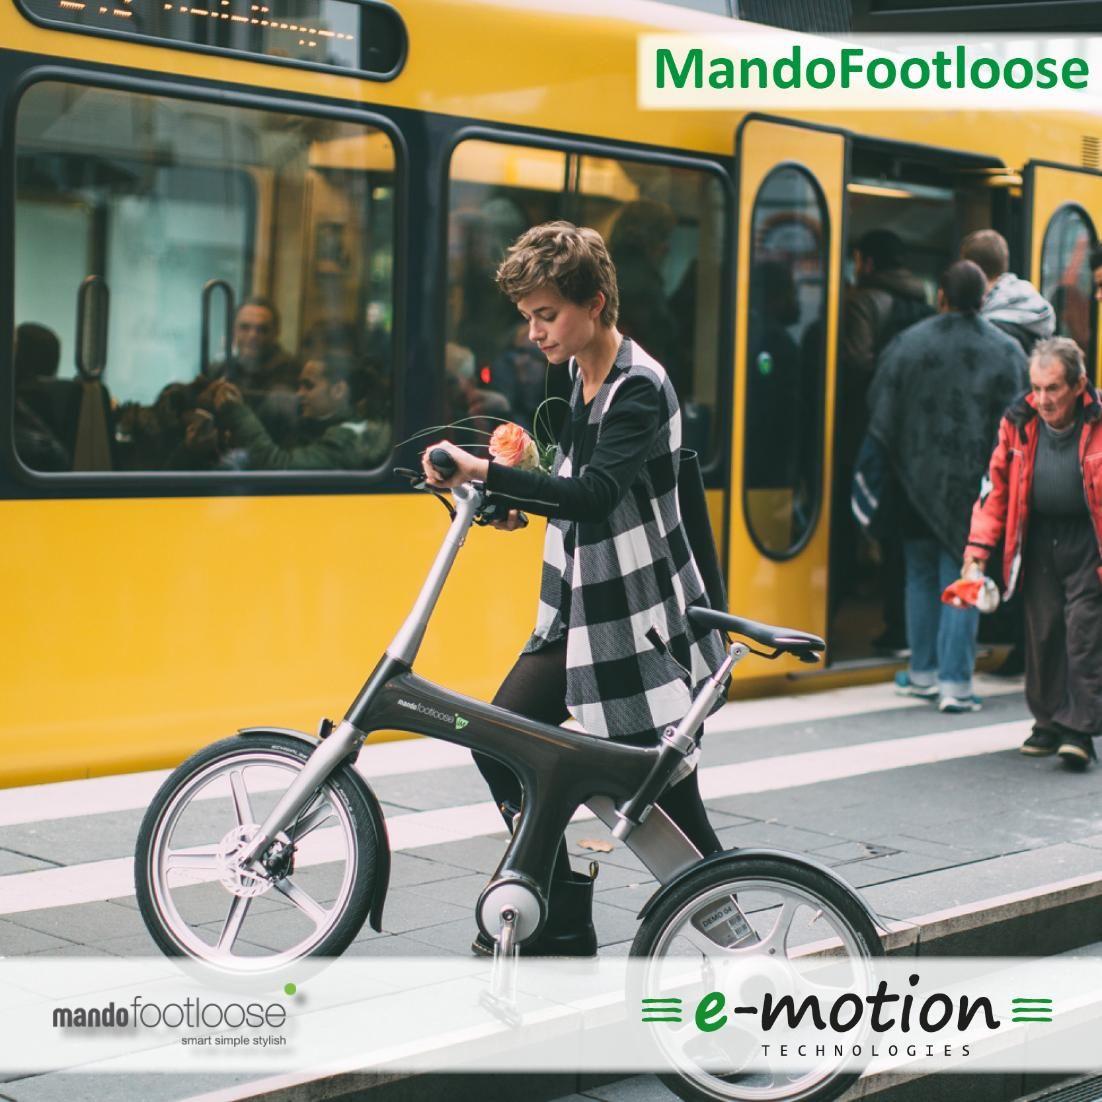 Lifestyle Hat Einen Namen Mando Footloose Das Erste E Bike Ohne Kette Sie Treten Und Generieren Dabei Strom Fur Ihren Akku Bike News Ebike Baby Strollers